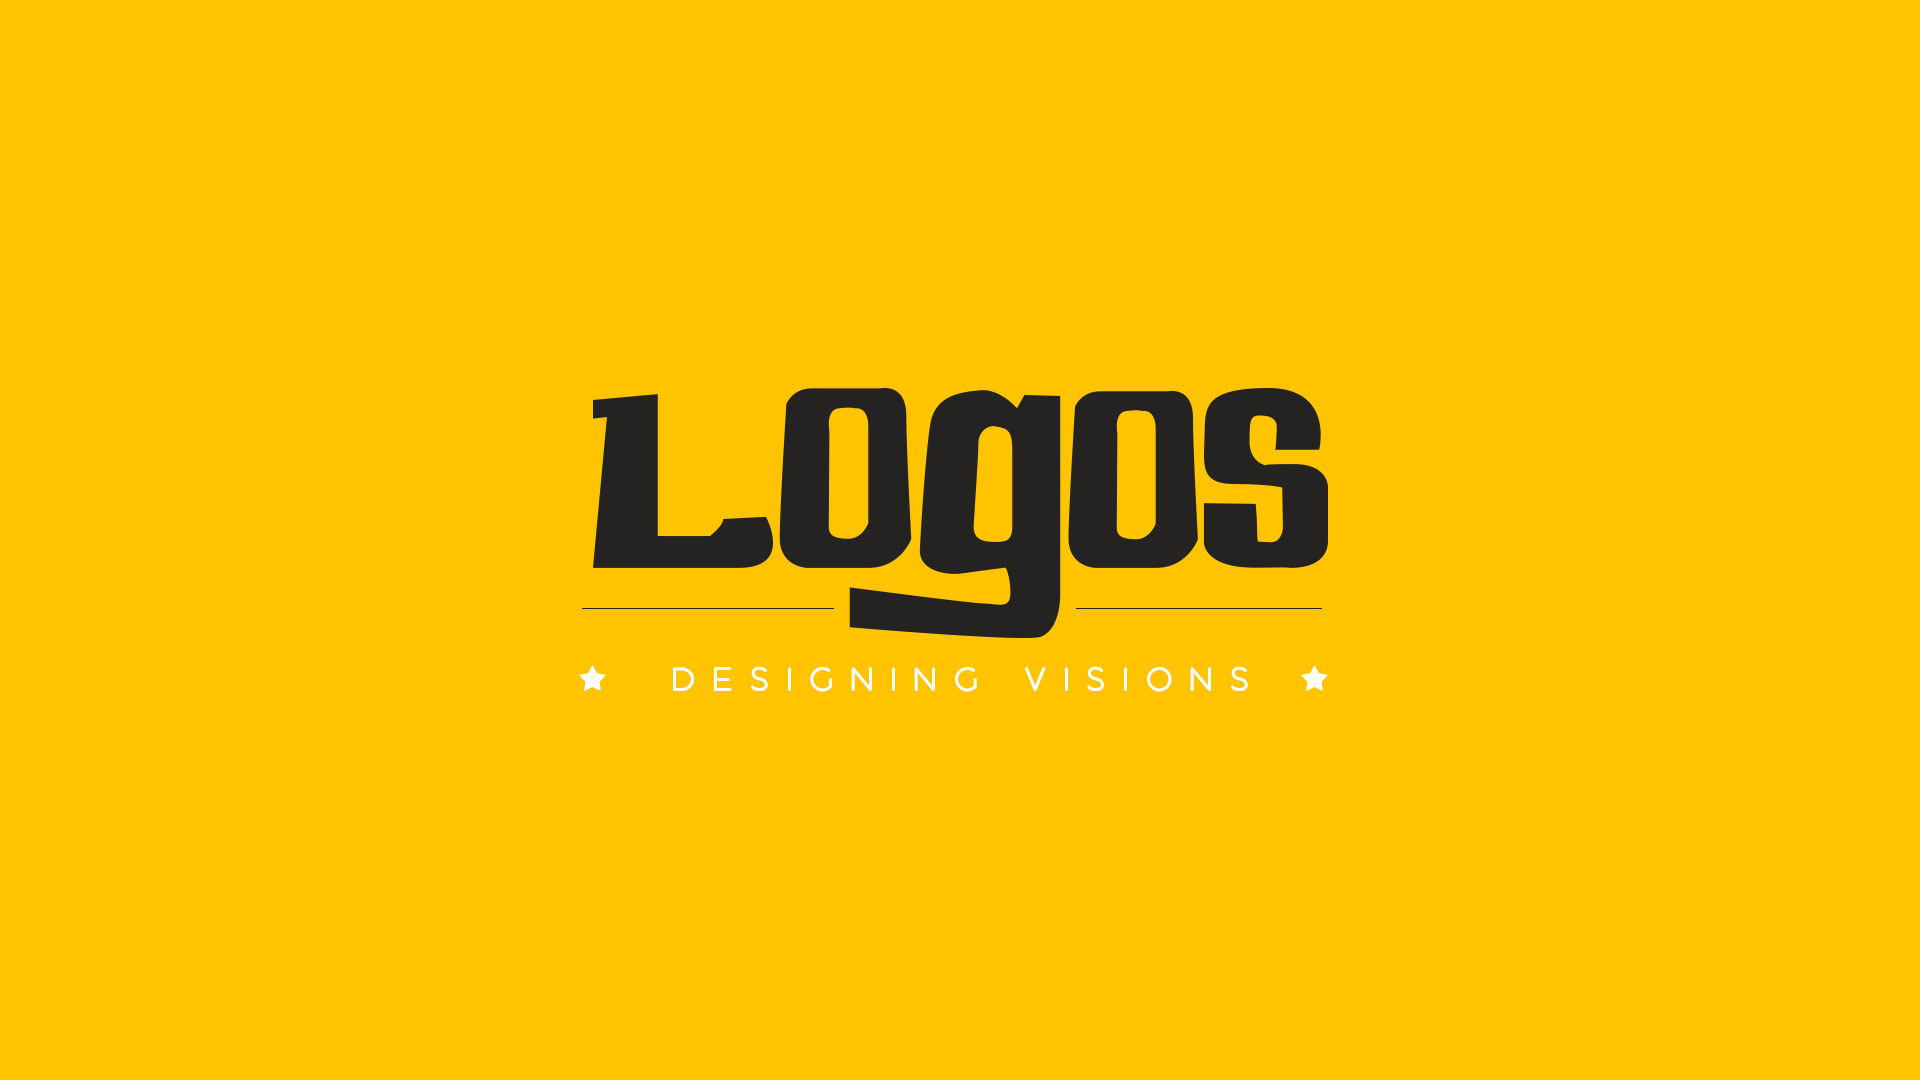 Logo designs עיצובי לוגואים ומיתוג